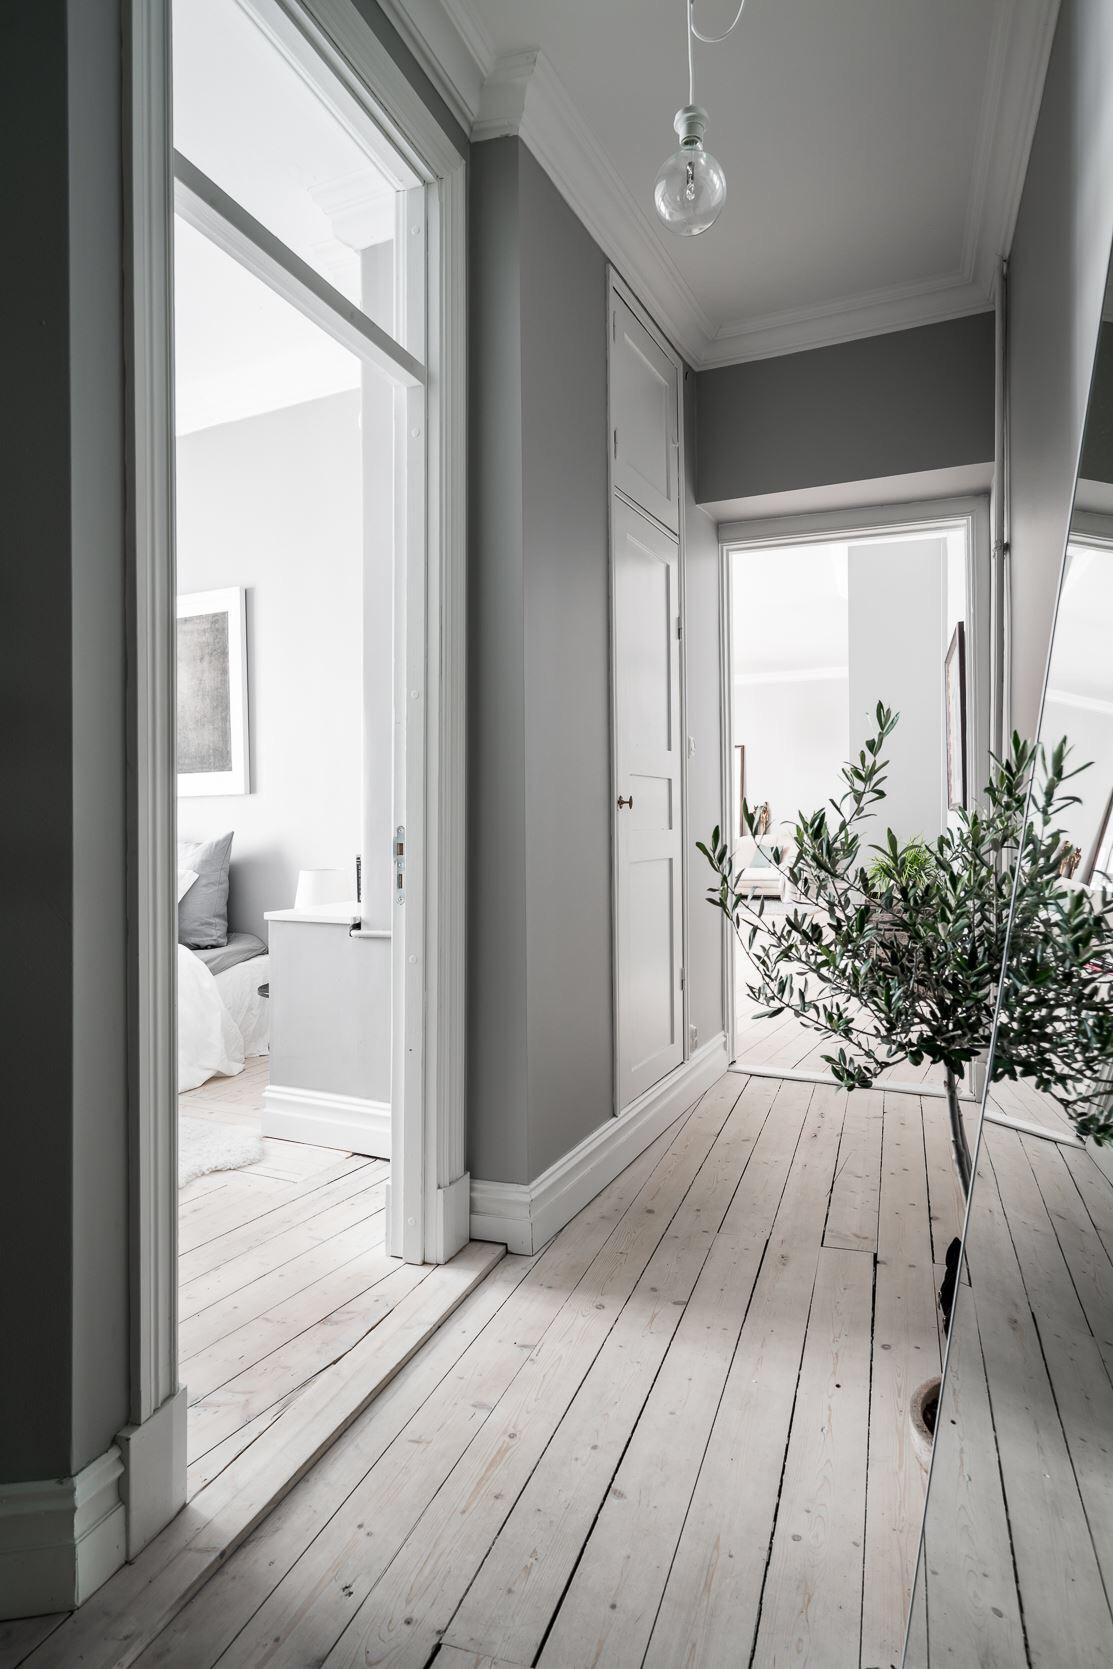 коридор двери фрамуга деревянный пол напольное зеркало комнатное дерево белый плинтус